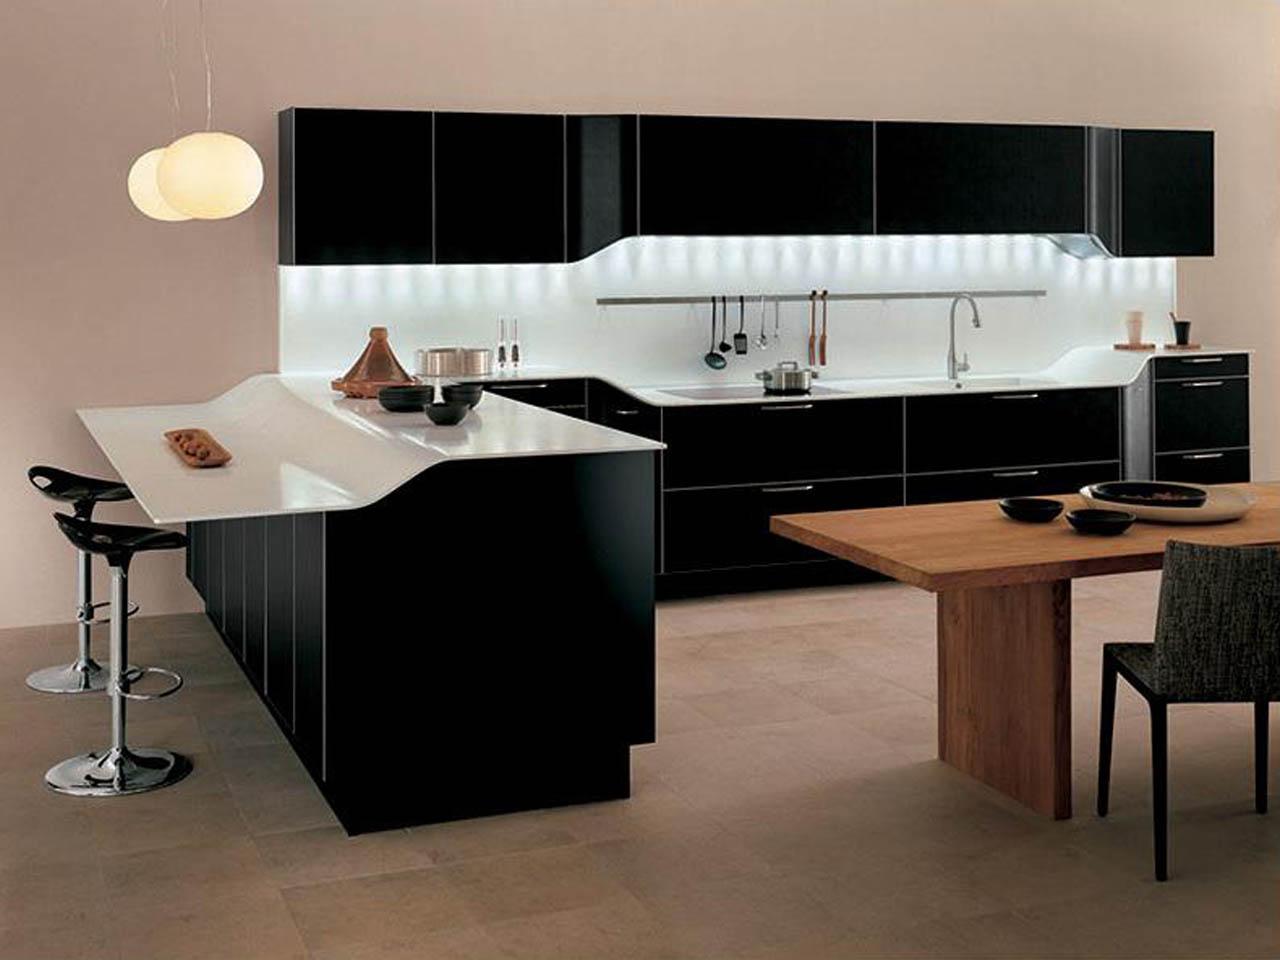 cuisine-ikea-ultramoderne-armoire-peinture-noire-style-contemporain-et-incroyable-comptoir-blanc-brillant-aussi-créatif-lumière cachée-décor-sous-rangement-mural-avec-cuisine-rta- armoires et qualité